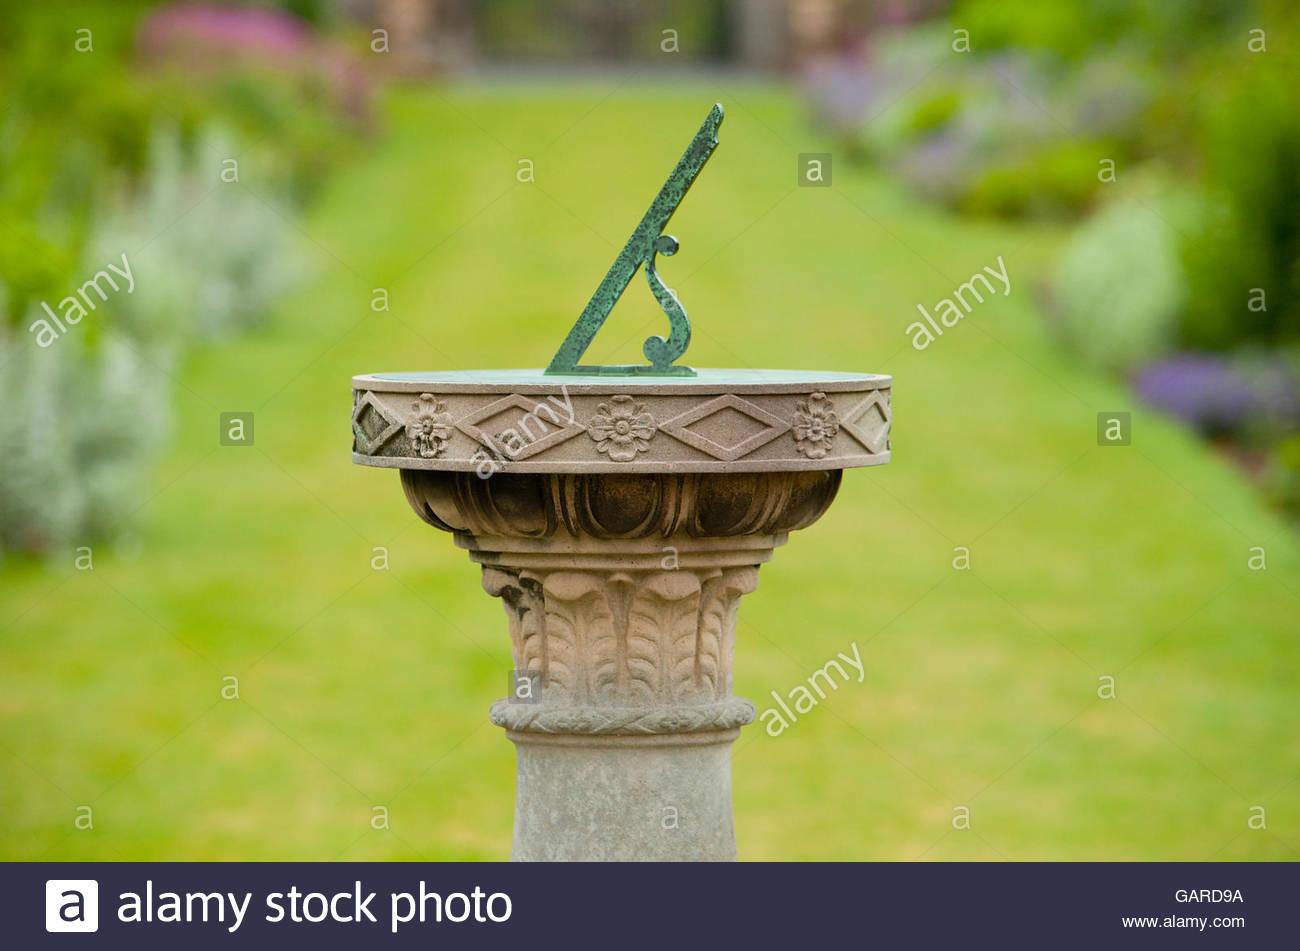 La meridiana nel giardino di Paxton House, Scottish Borders, Scozia. Immagini Stock